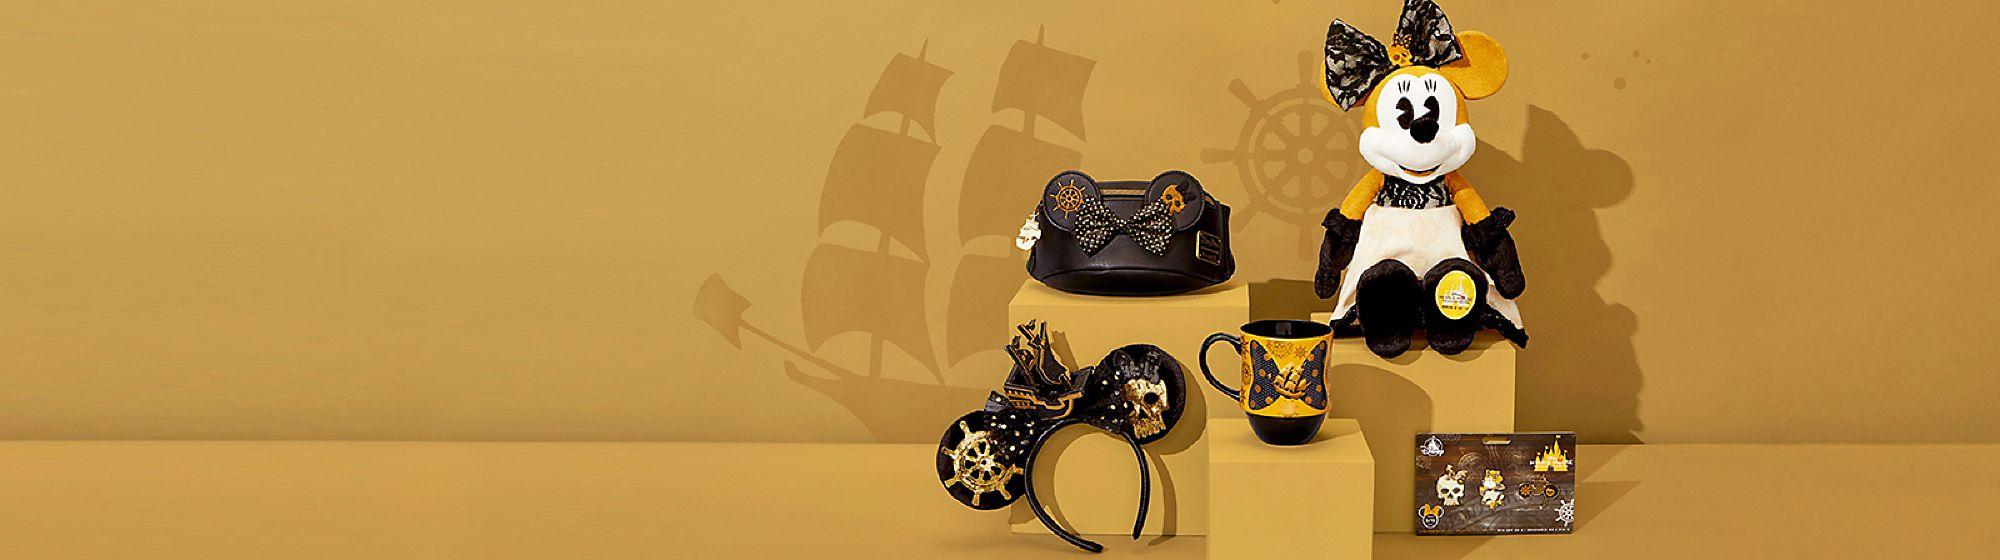 Pirates des Caraïbes | Série 2 Partez à la conquête des sept mers avec notre collection en série limitée